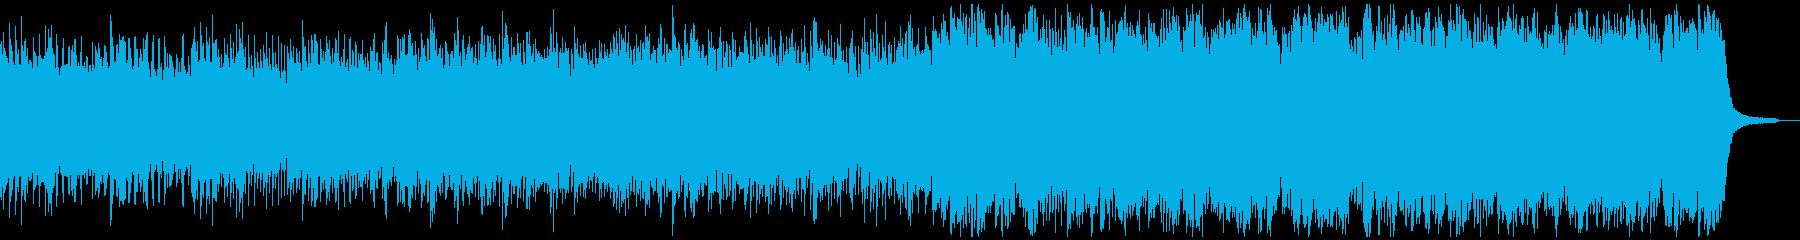 ピアノと民族コーラス 後半の弦がゆったりの再生済みの波形